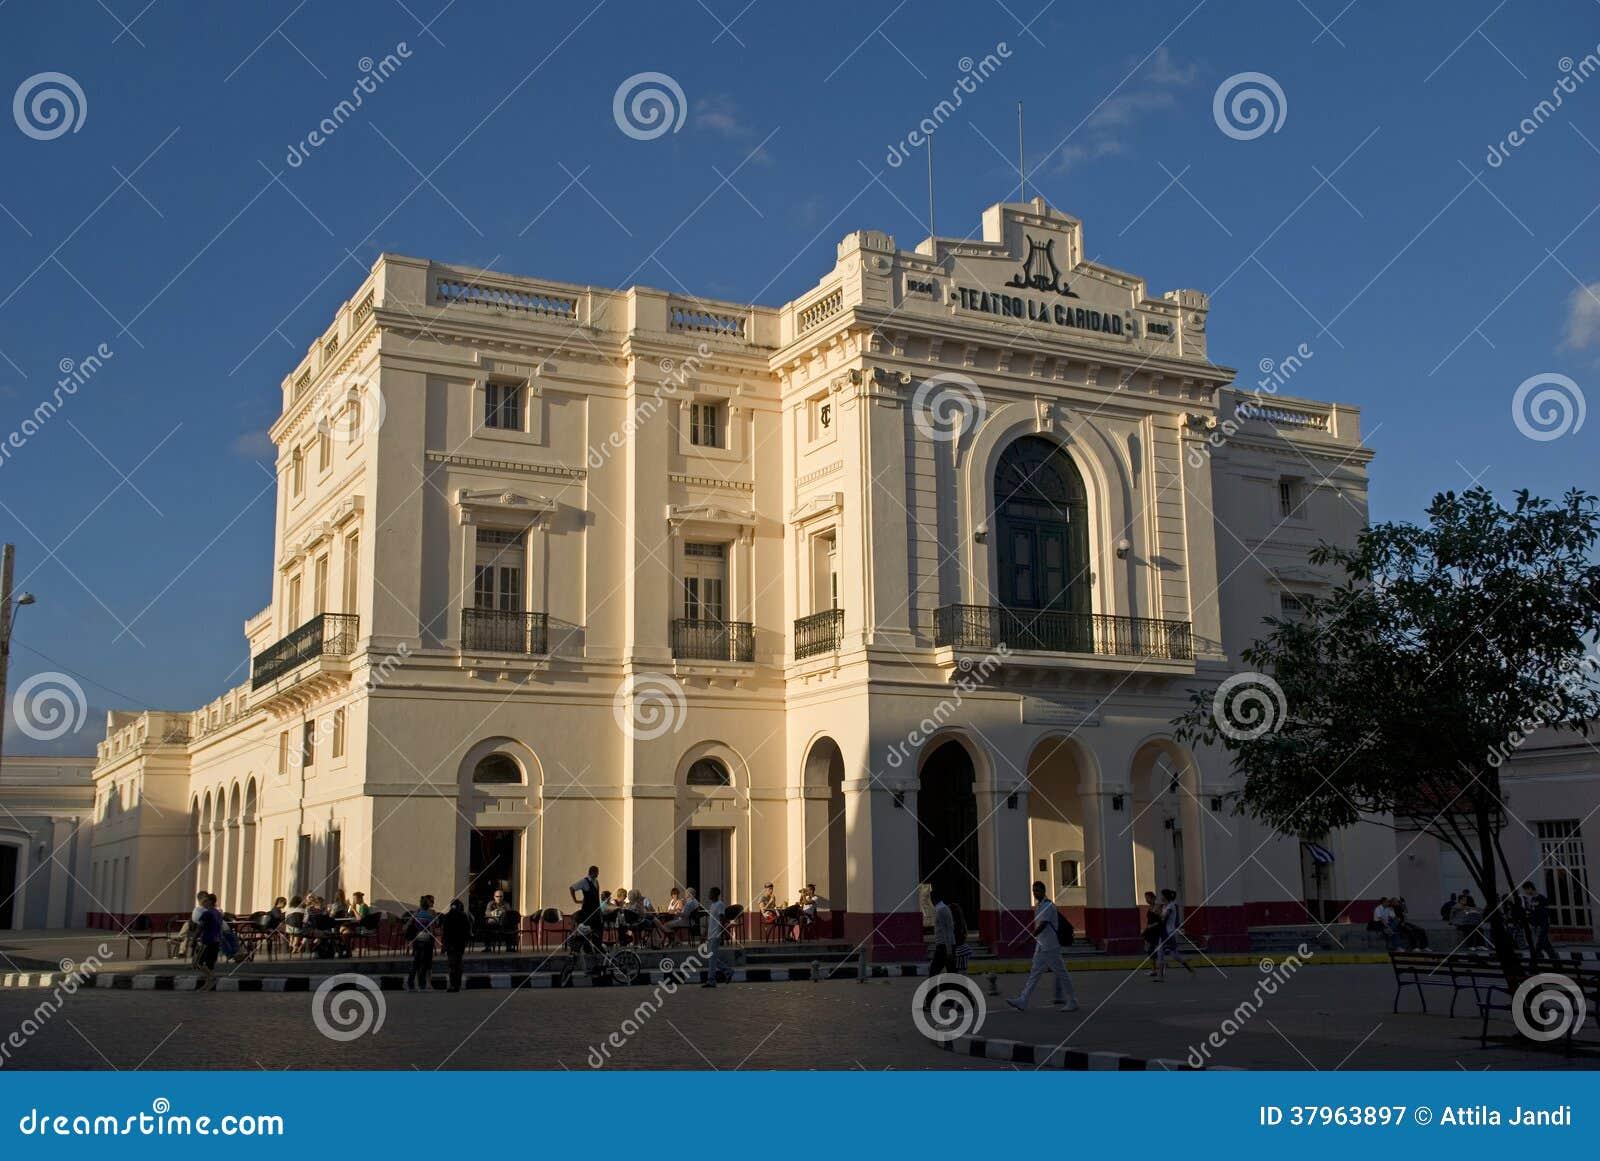 Театр Caridad, Santa Clara, Куба